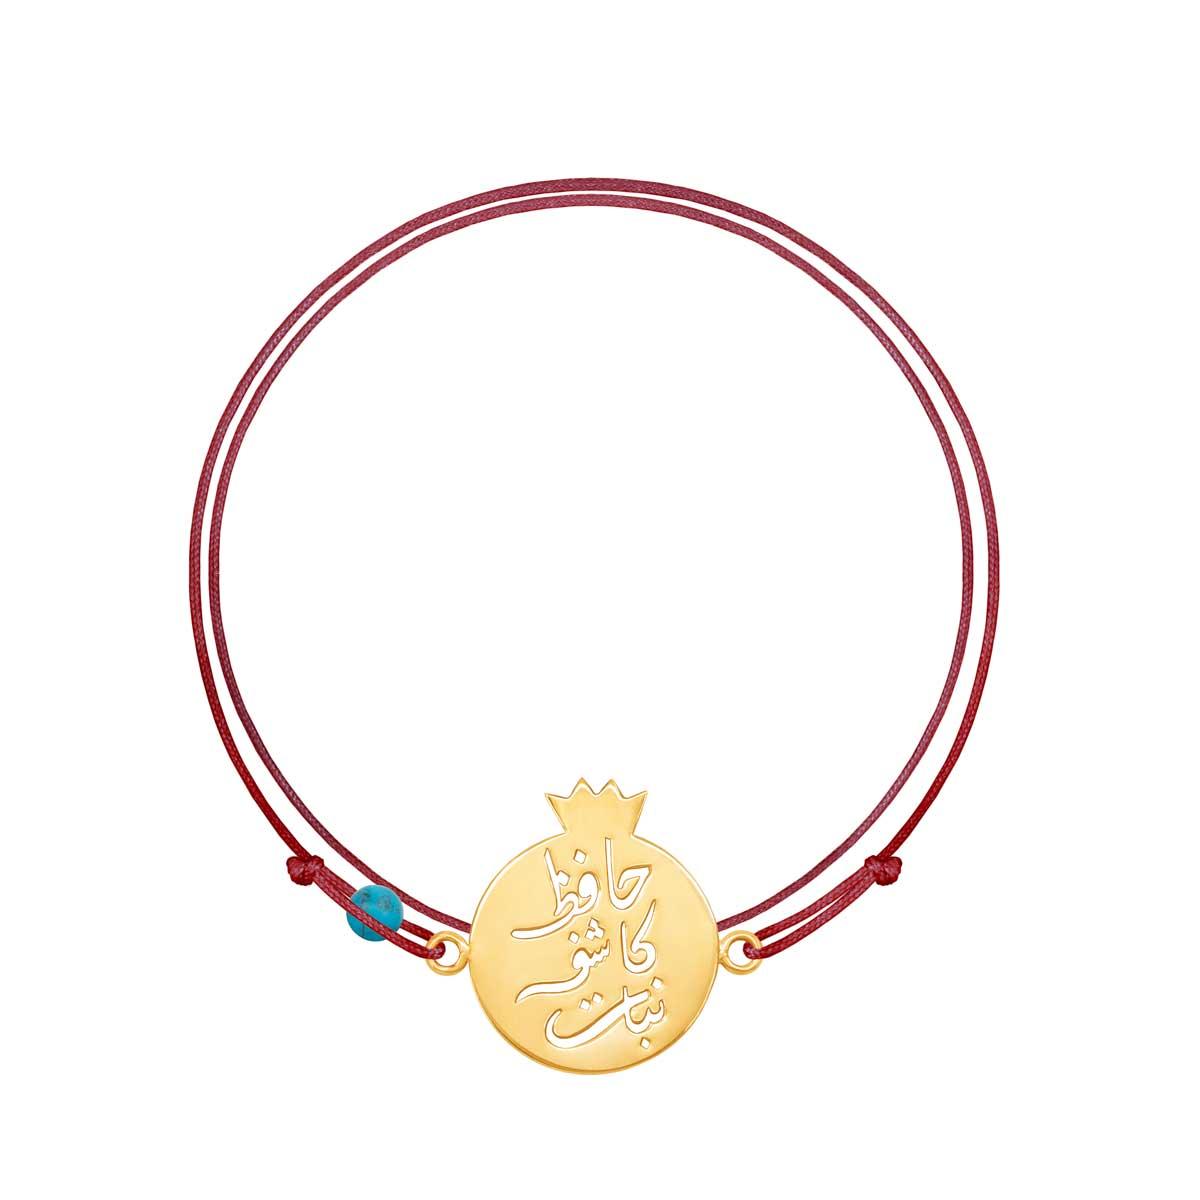 دستبند طلا حافظ کاشف نبات